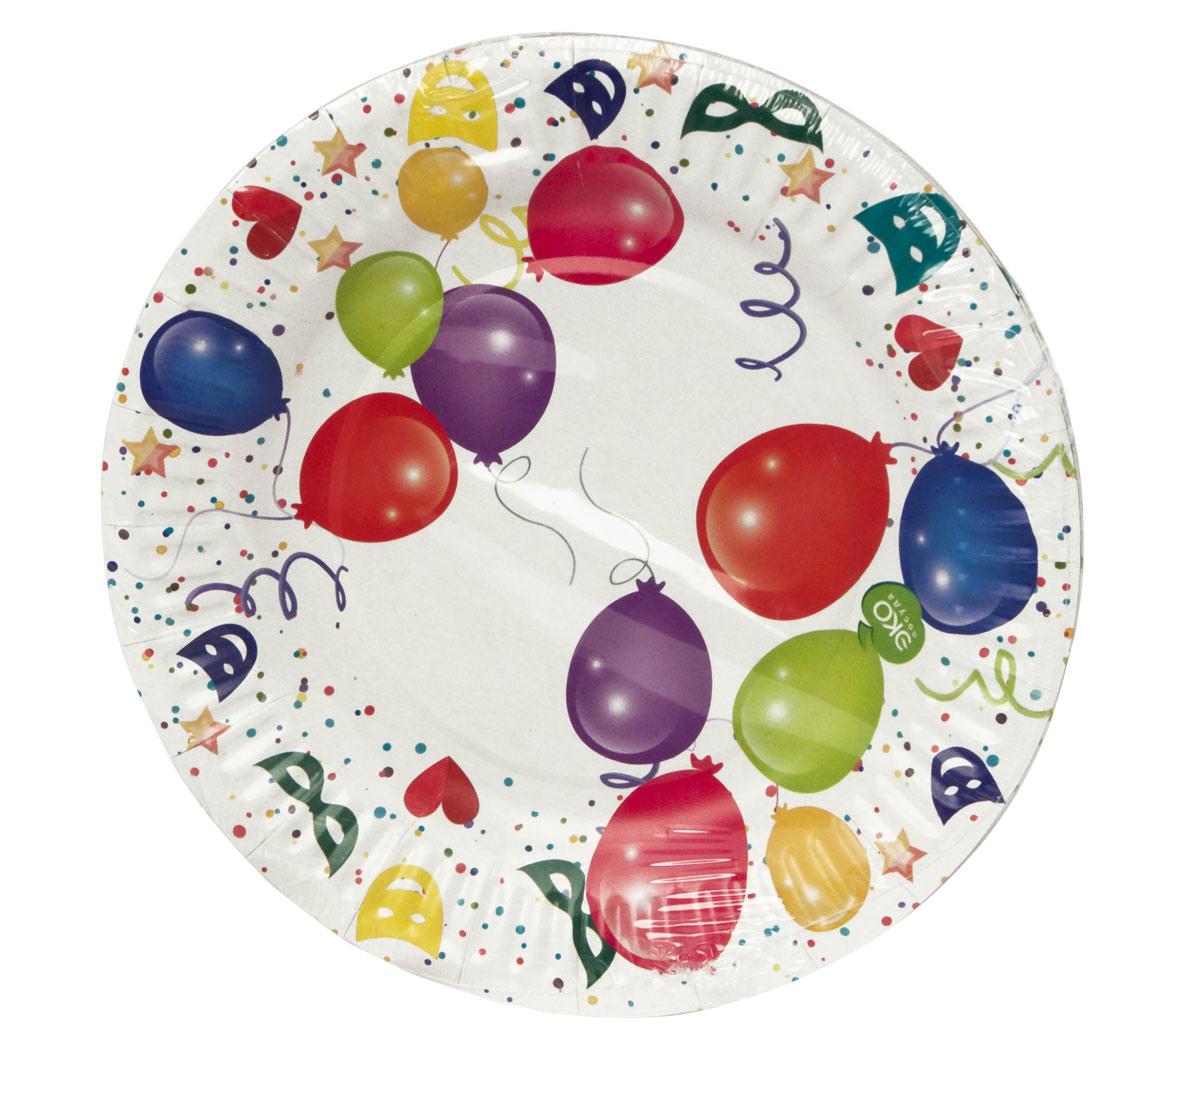 Набор тарелок Paterra Детский праздник, бумажные, диаметр 18 см, 6 штVT-1520(SR)Набор тарелок Paterra Детский праздник состоит из 6 тарелок и предназначен для украшения и сервировки праздничного стола к детскому празднику. Пригодны для горячих блюд. Тарелки прочные, благодаря качеству и высокой плотности используемой при их изготовлении бумаги.Тарелки Paterra Детский праздник декорированы ярким дизайном. Они украсят любой детский праздник.Диаметр тарелки: 18 см.Количество в упаковке: 6 шт.